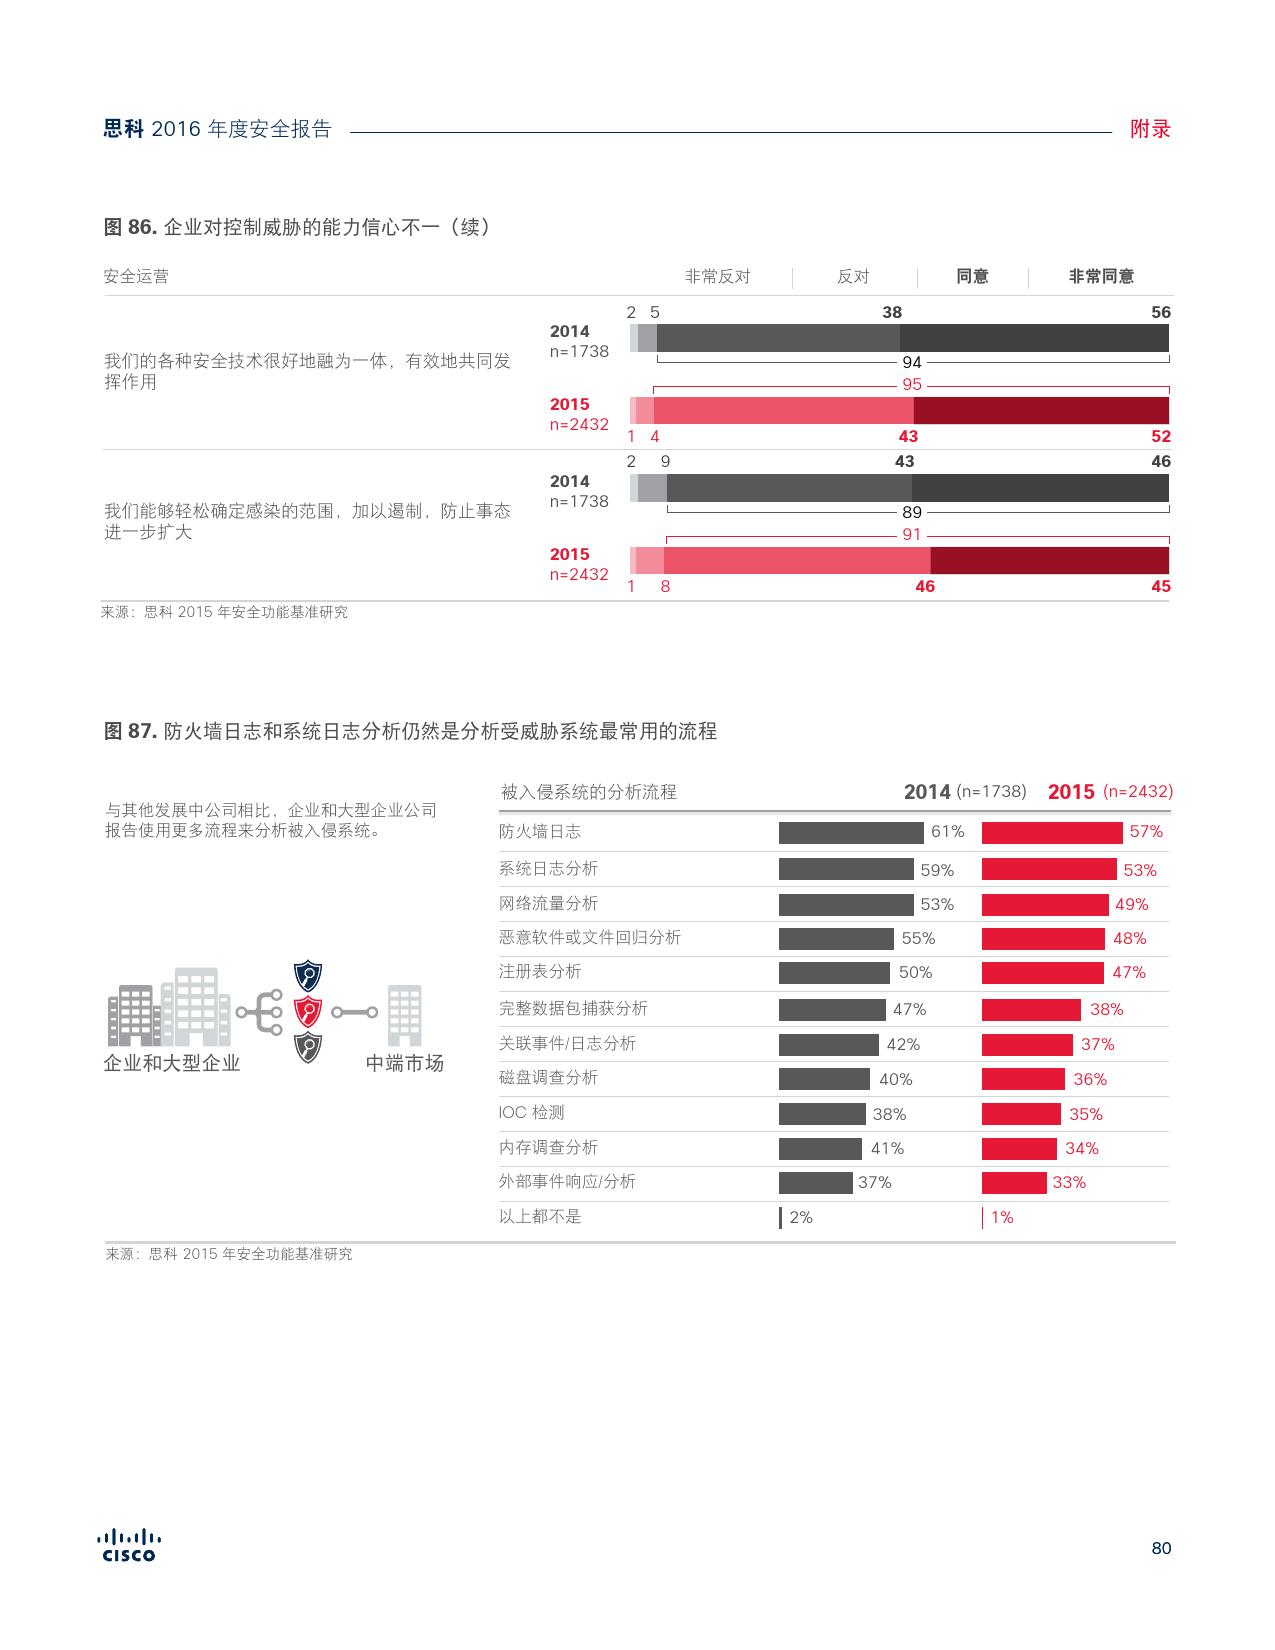 2016年中网络安全报告_000080